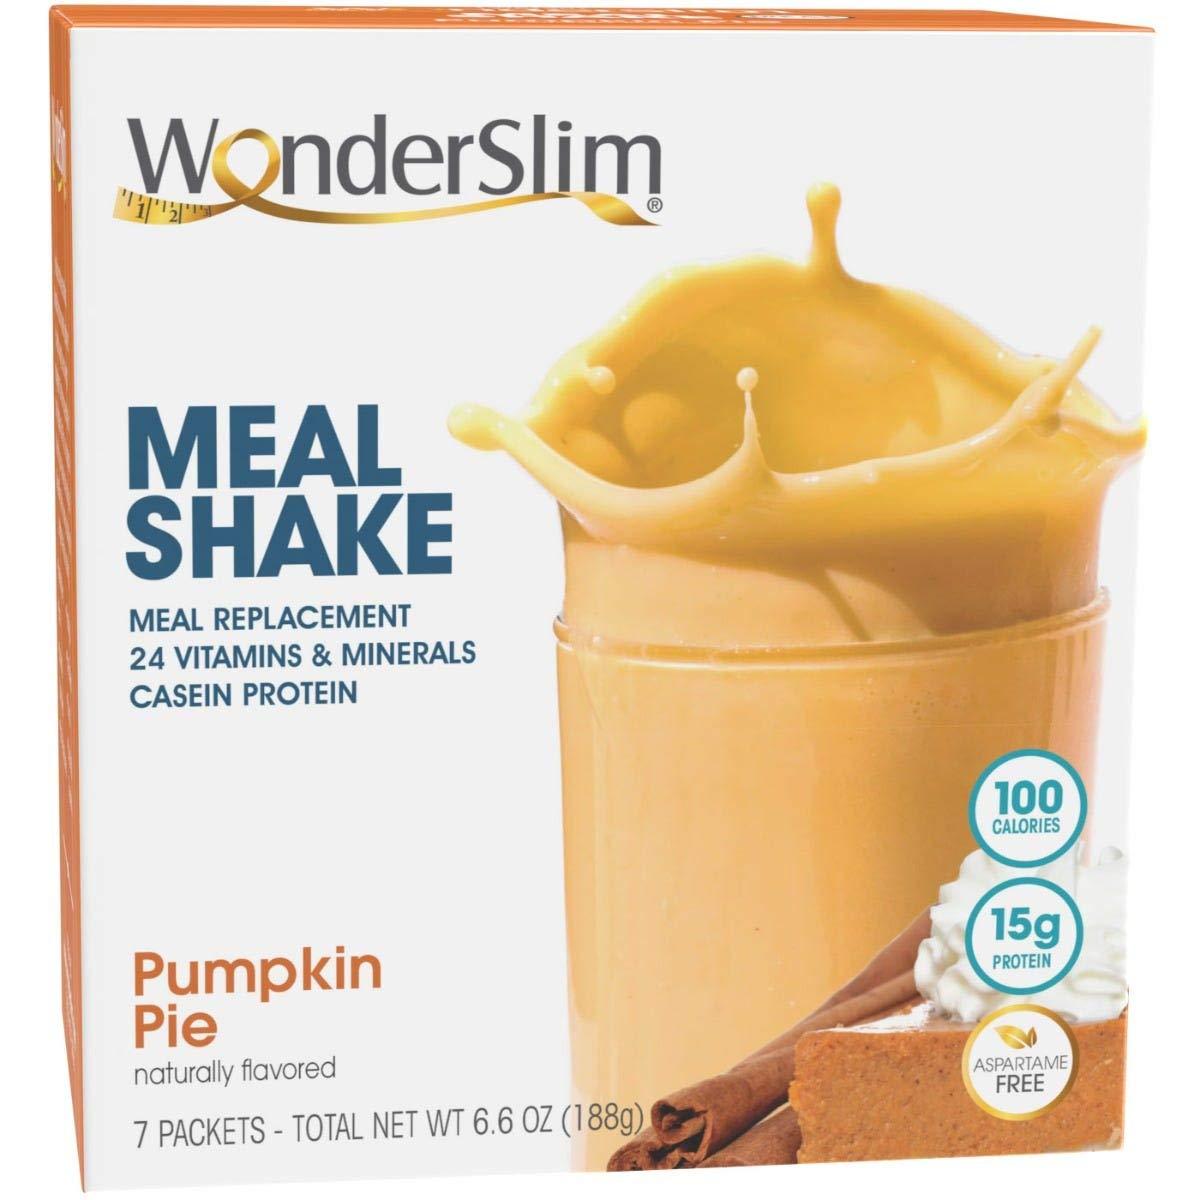 WonderSlim Meal Replacement Shake Pumpkin Vit 24 Super Special SALE held Pie trust Essential